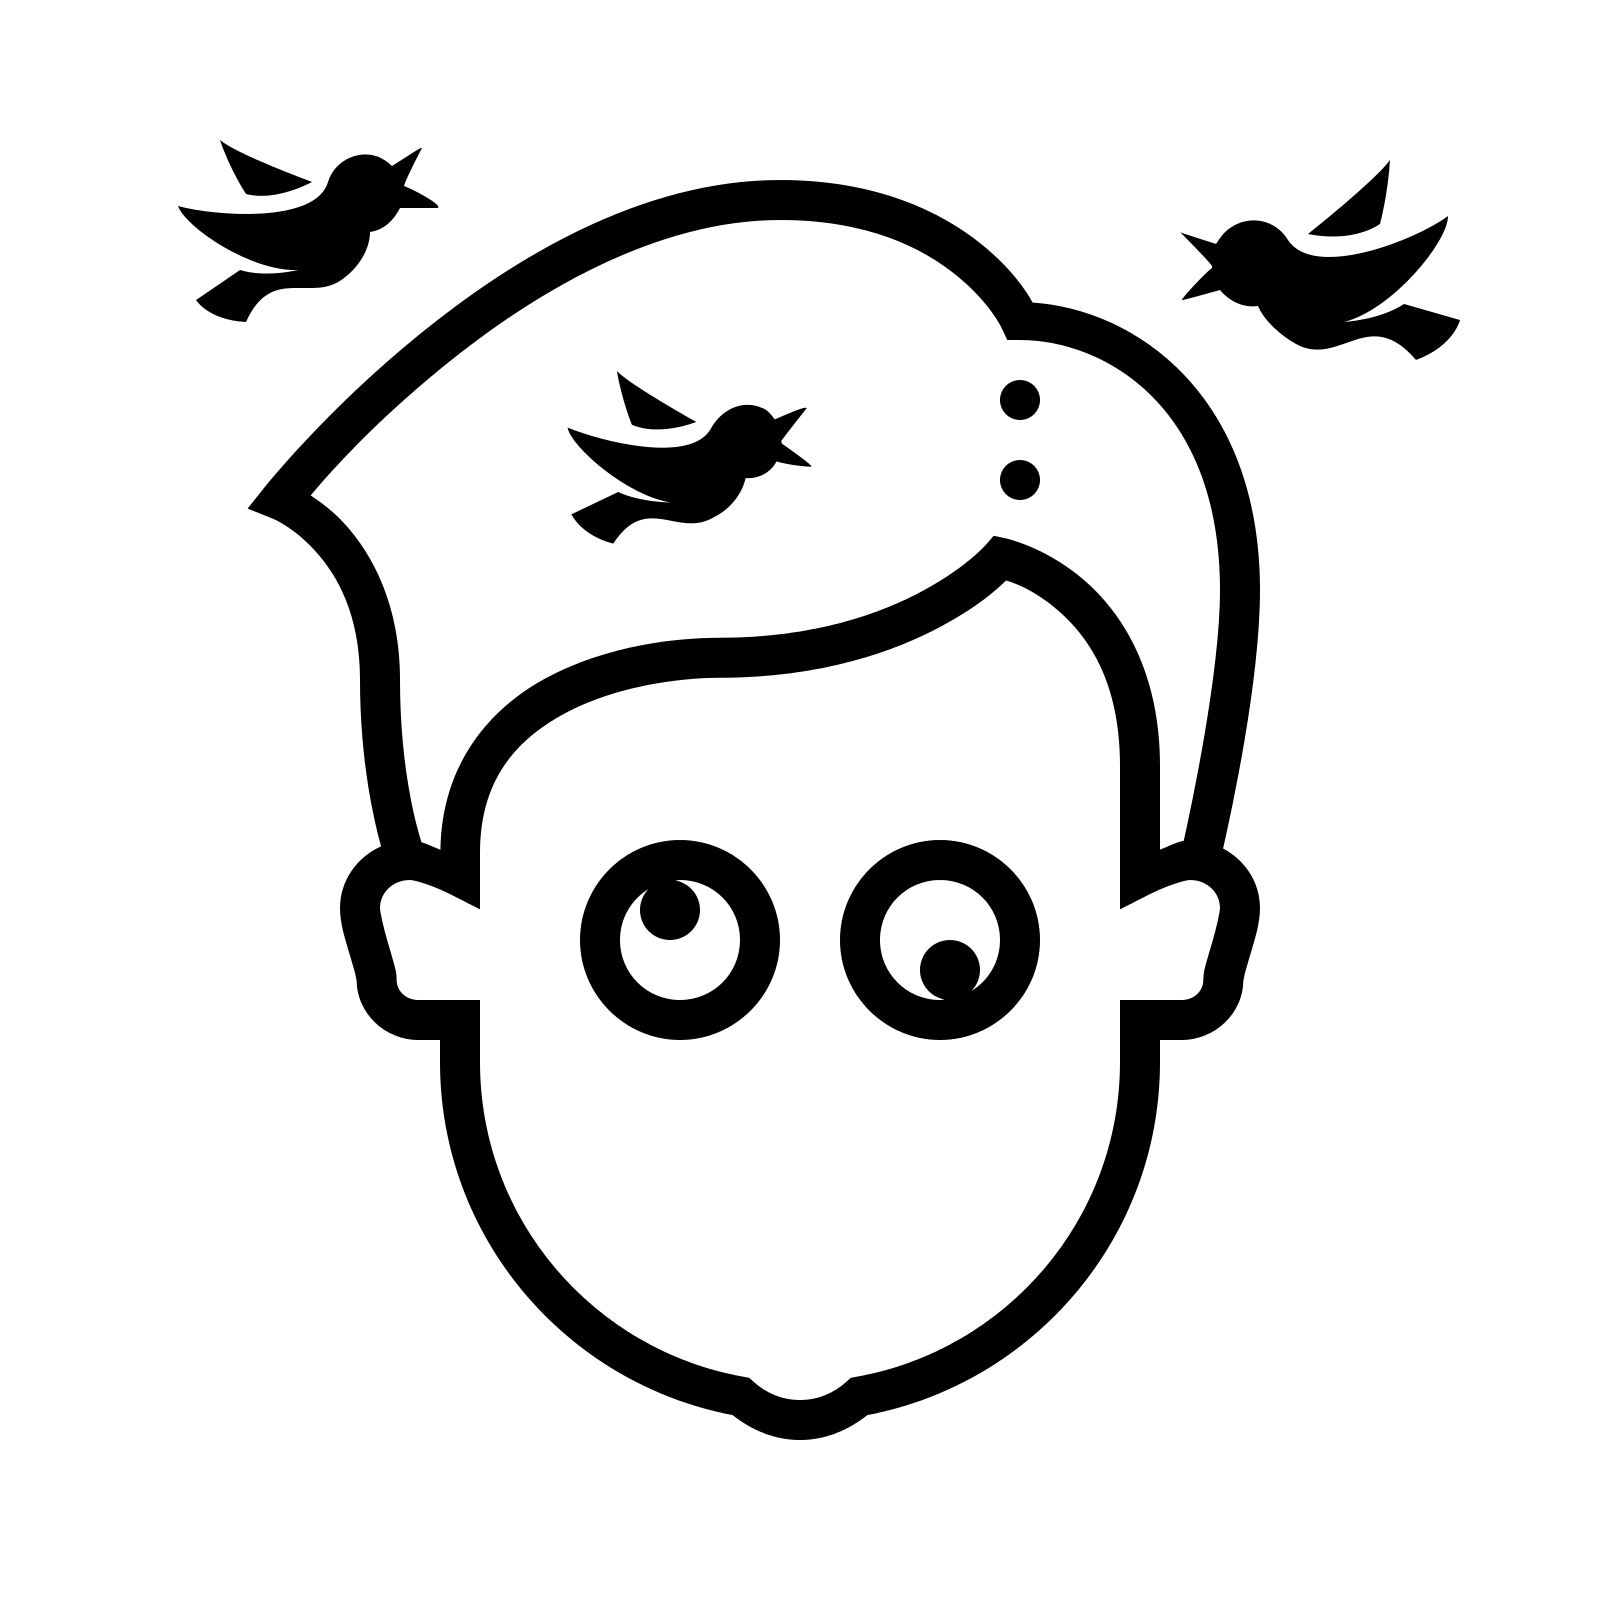 Dizzy Person 2 icon - Dizzy Man PNG